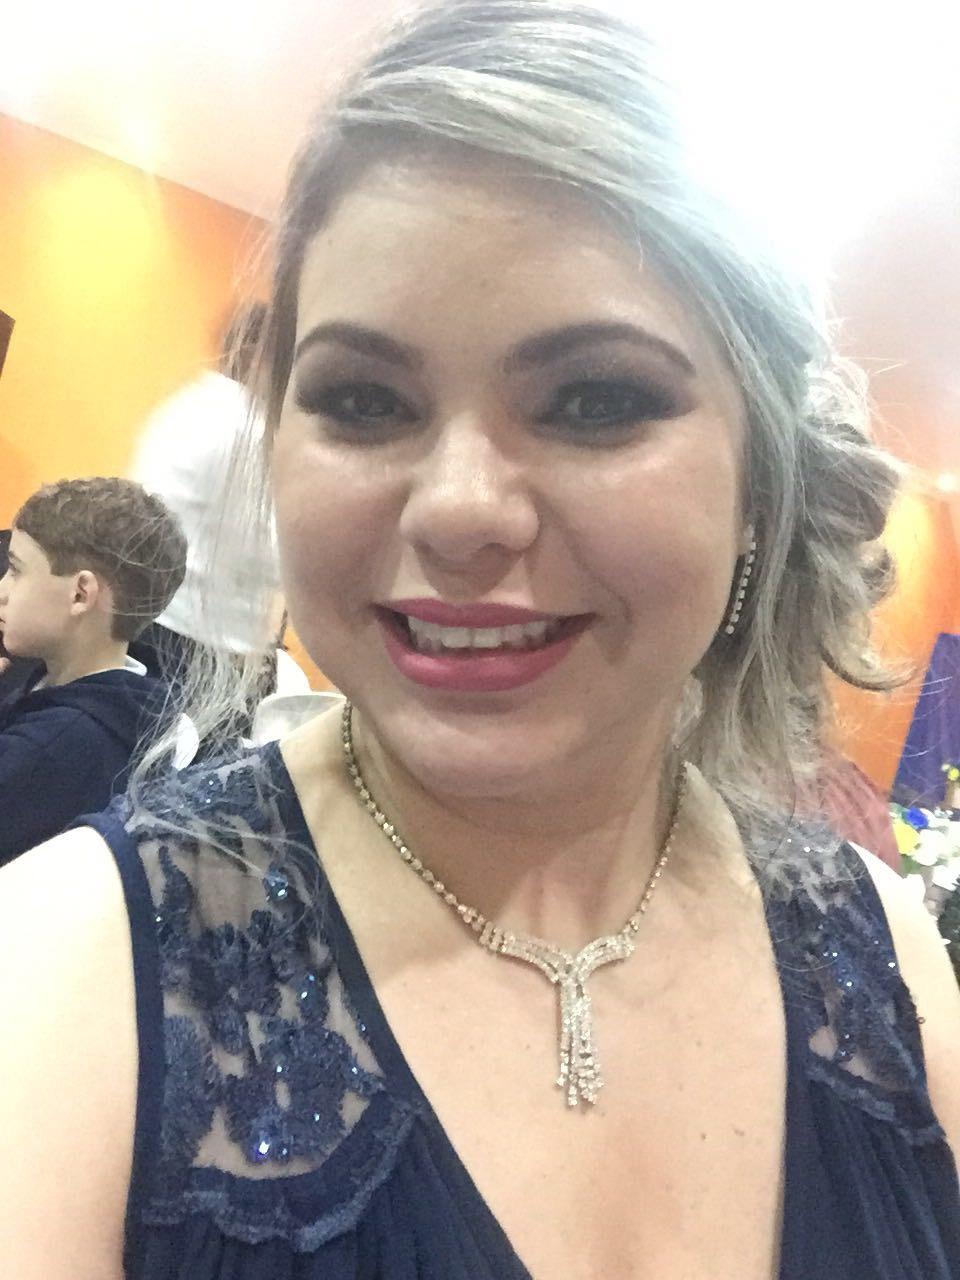 #makecasamento #maquiagem #casamento maquiagem maquiador(a) assistente maquiador(a)